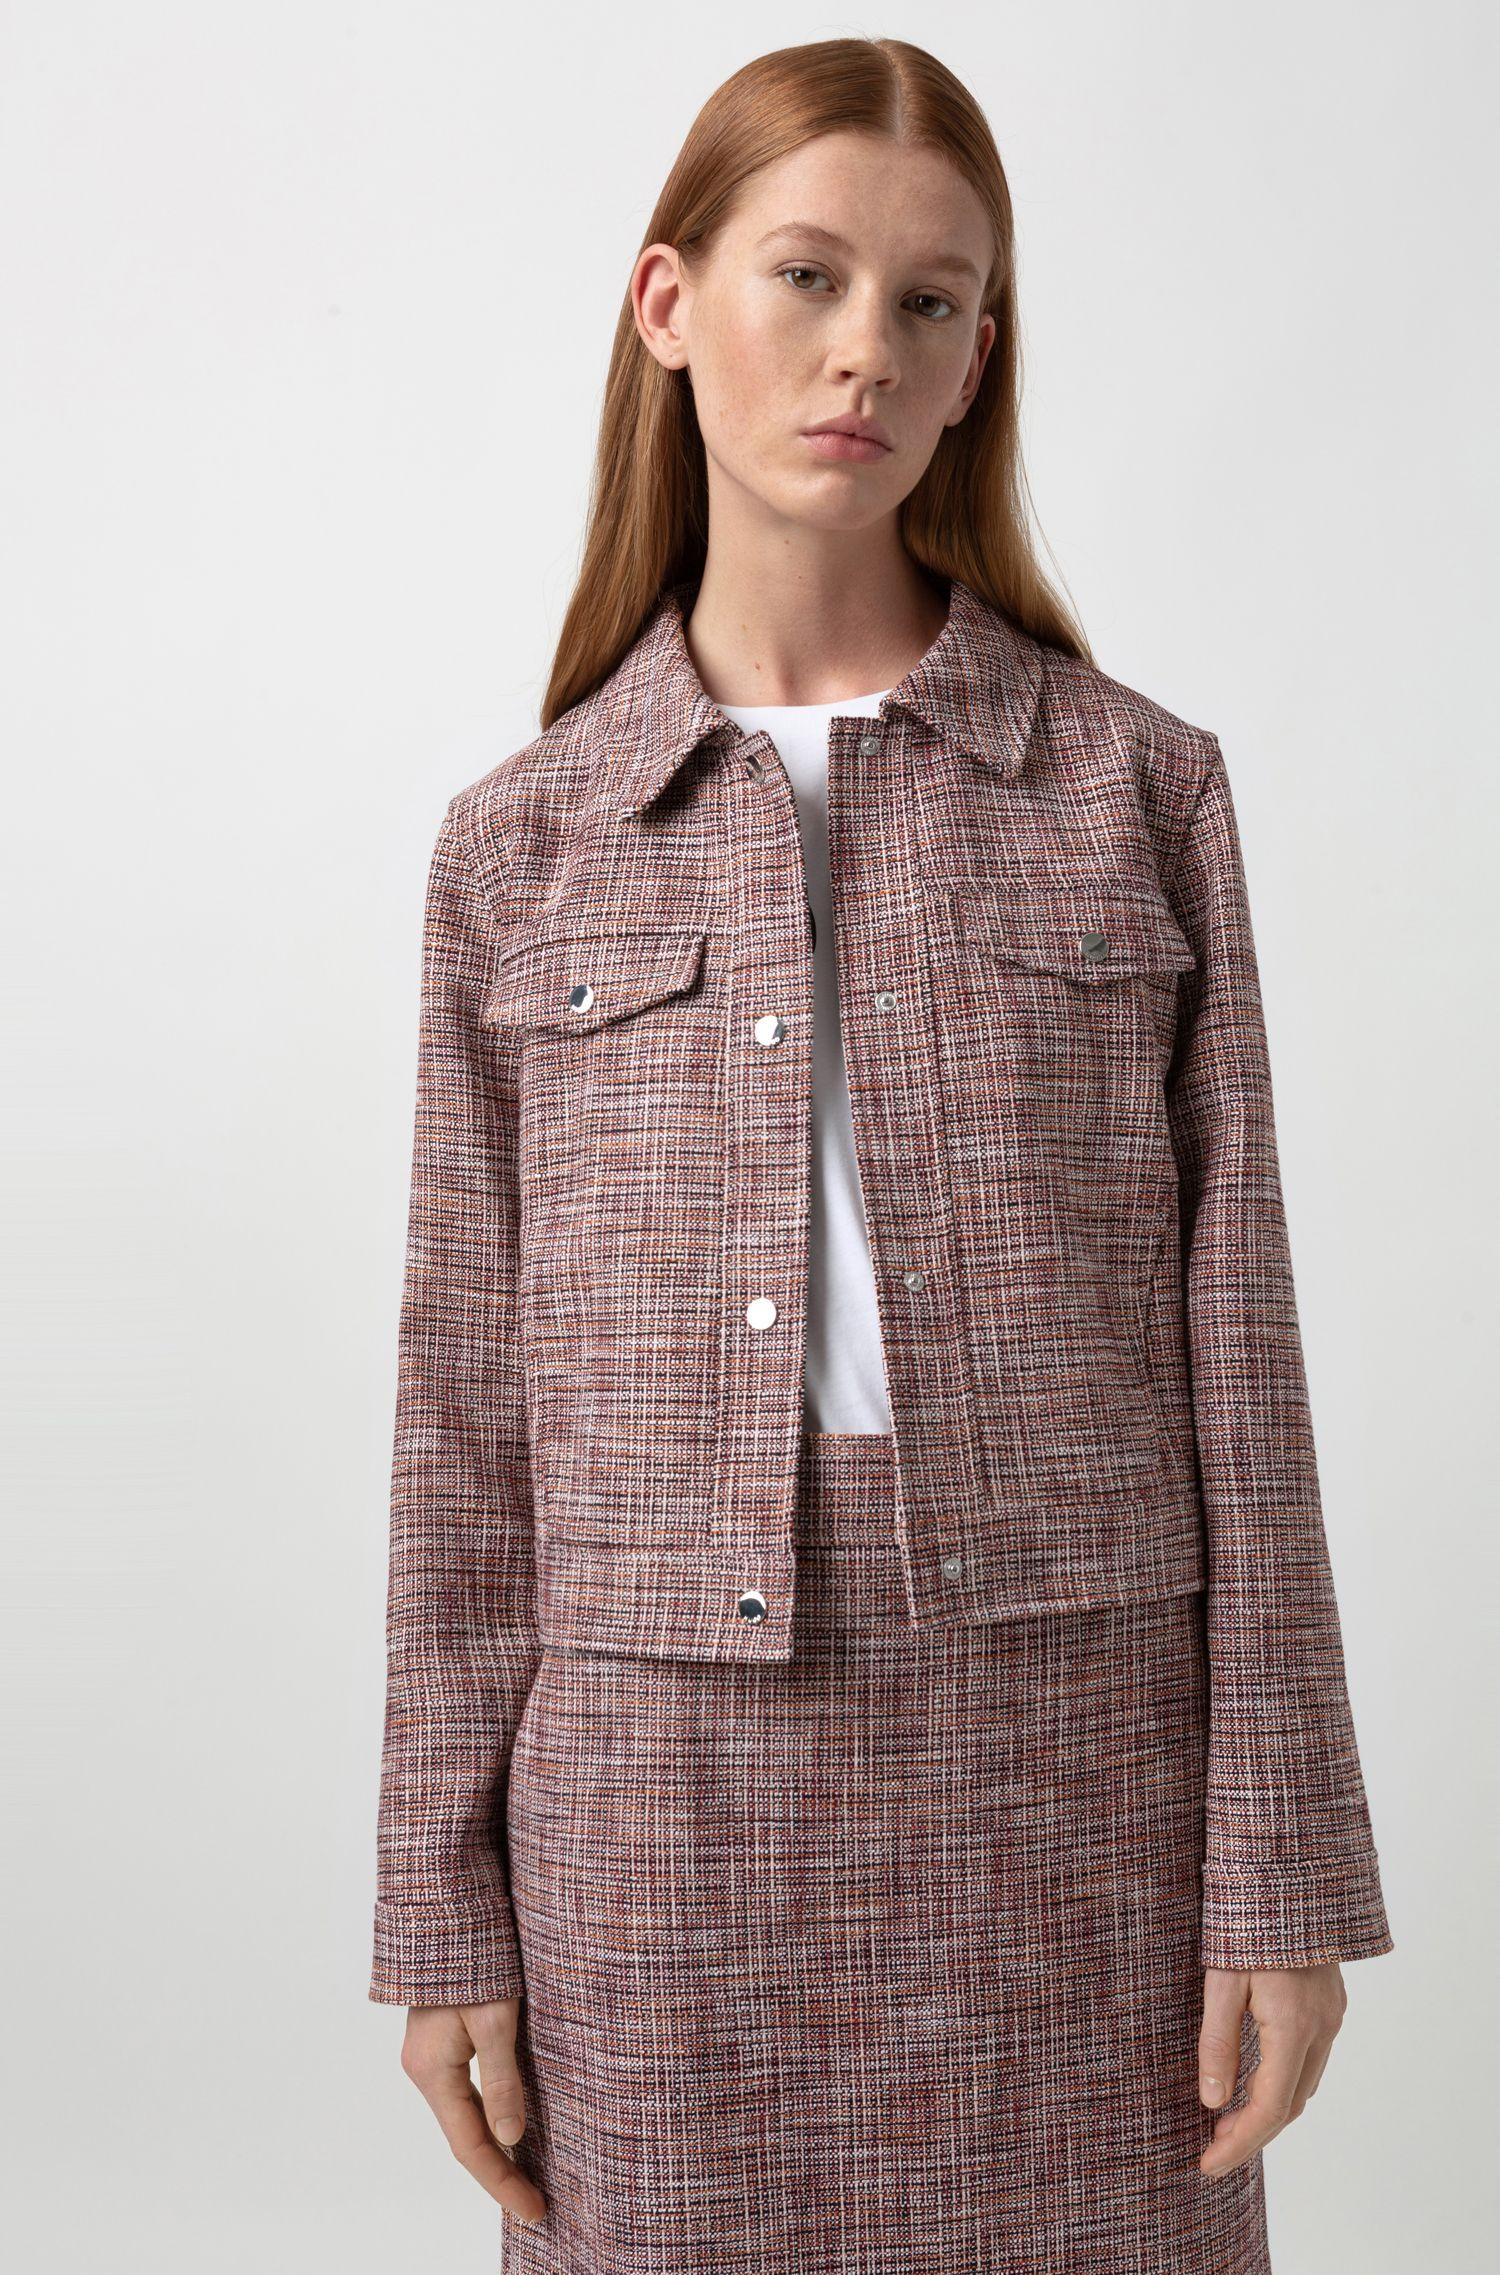 Veste courte en coton mélangé à poches-poitrine, Fantaisie